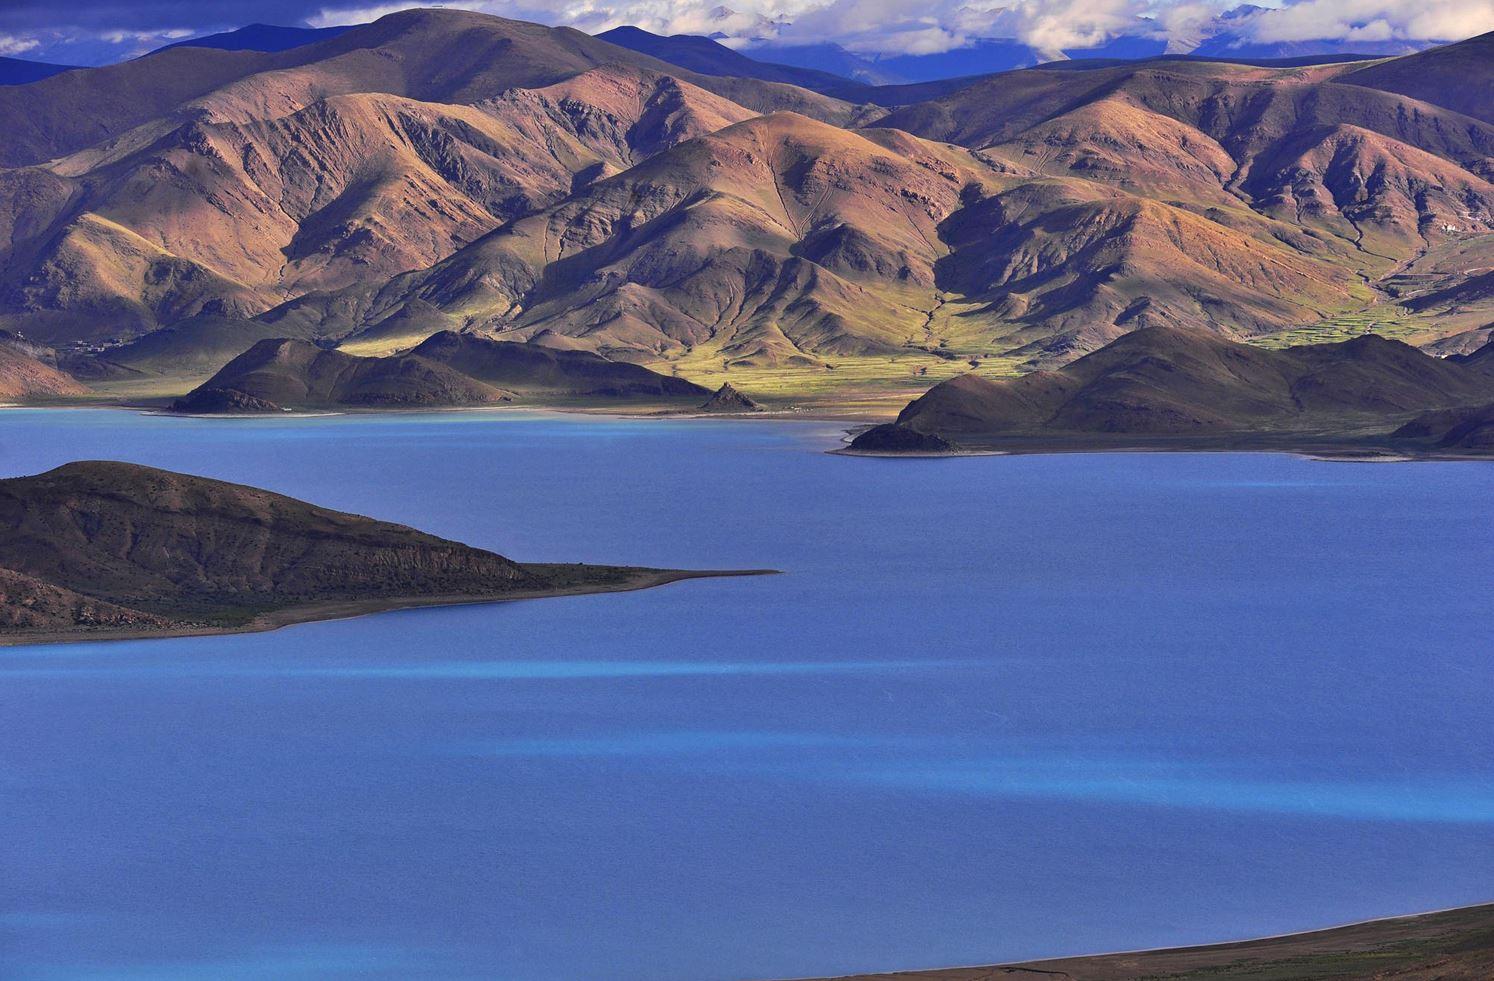 Озеро Ямжо Юмко в г. о. Шаньнань, Тибет.